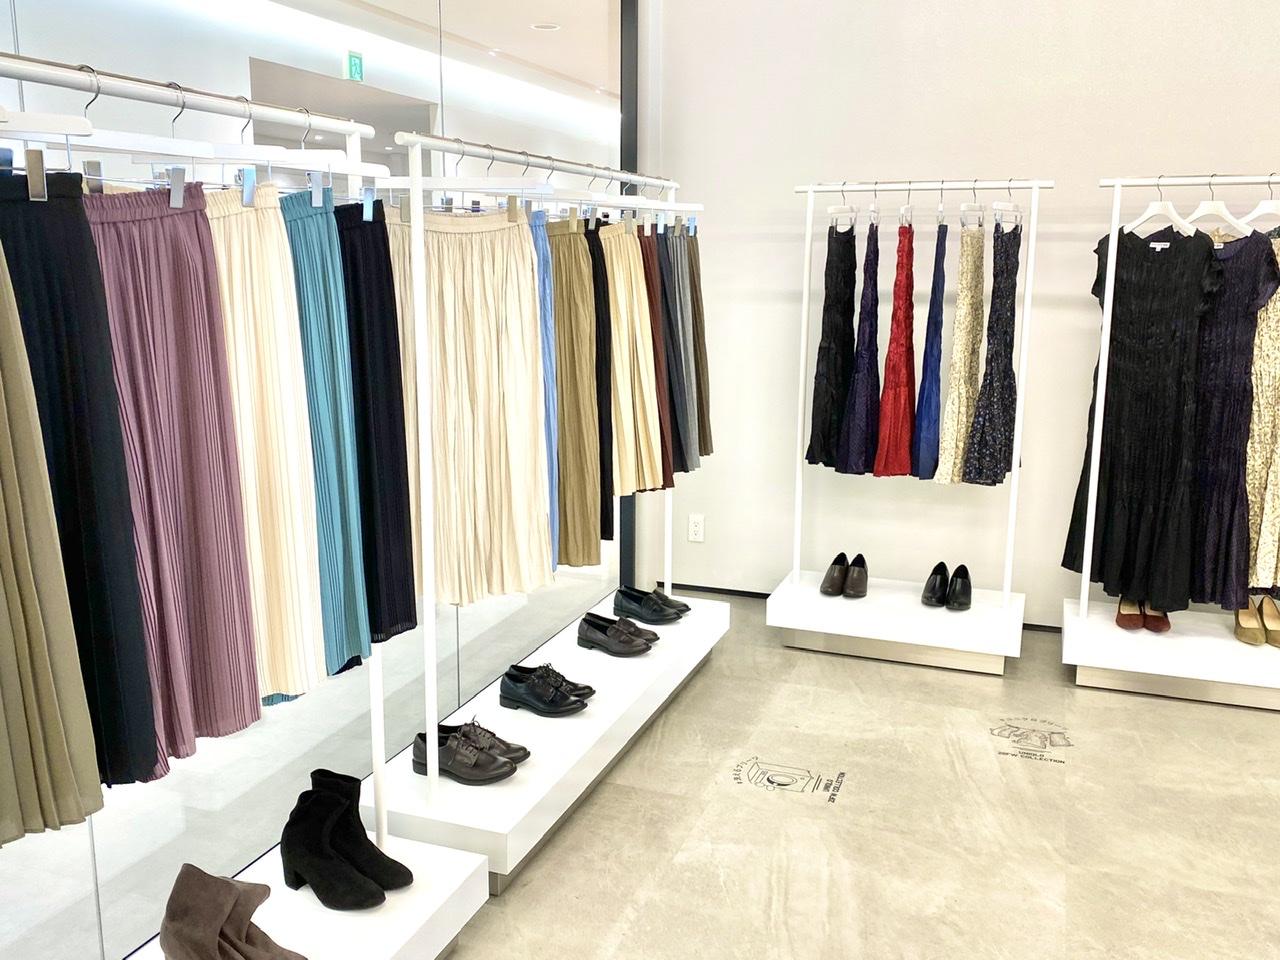 『ユニクロ』の洗えるプリーツが秋も大豊作♬︎ スカート、パンツ、ワンピース、全部着てみました!【1:きれい色編】_1